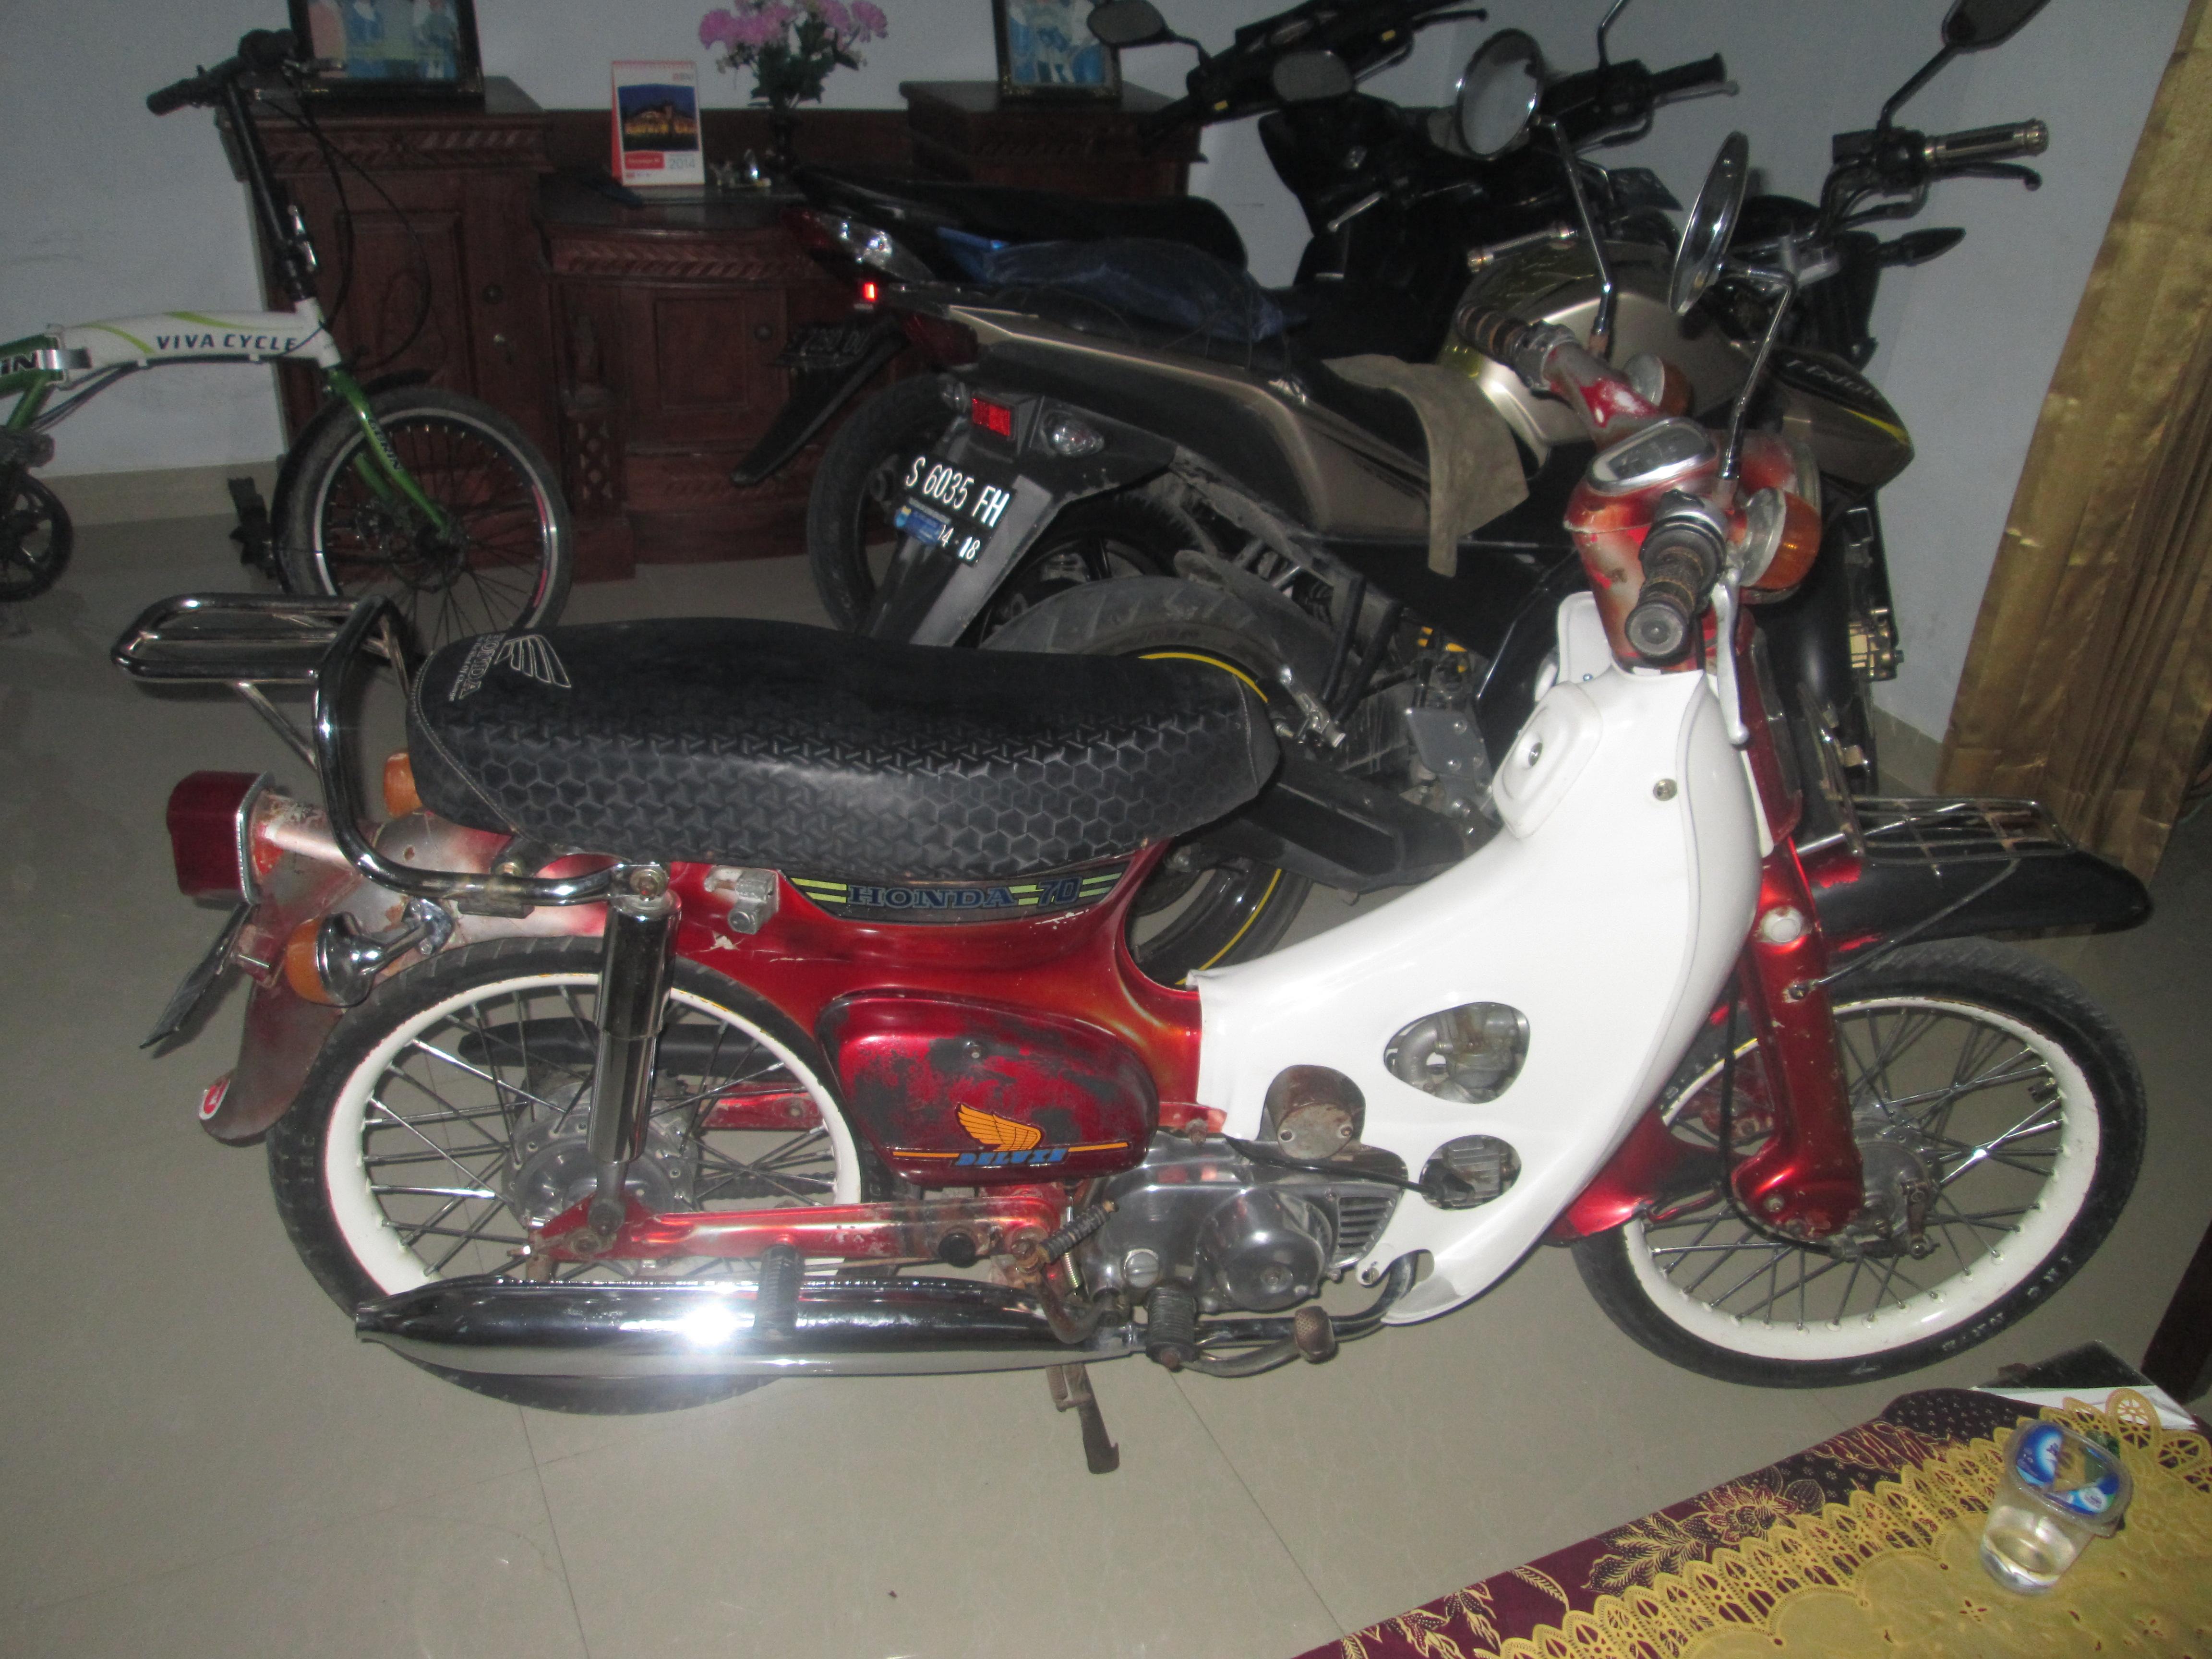 C70 Pakai Velg DID Keren Juga Nih Si Classic Bike D Ndeso94